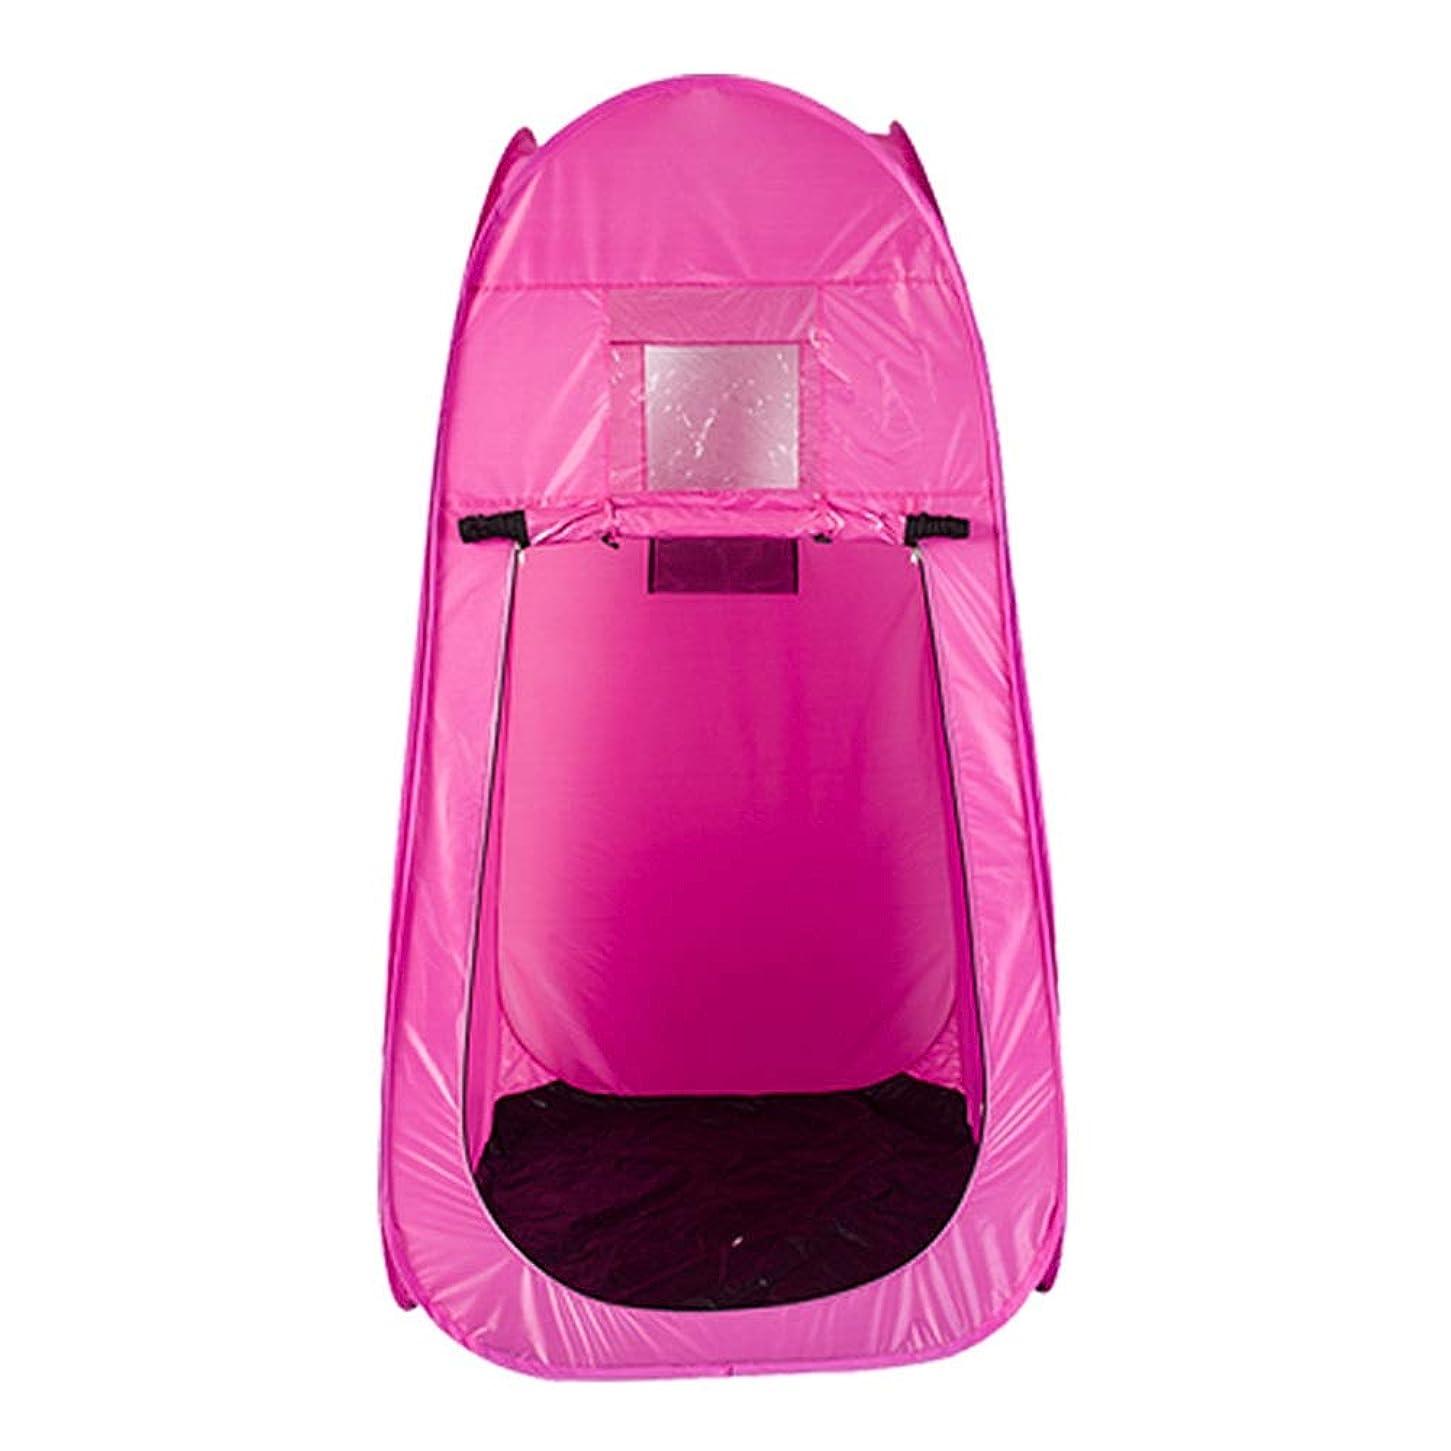 愛情深いアミューズ葉を集めるポータブル スチームサウナ ルーム ホーム パーソナル スパ Slim身 減量 解毒 サウナテント リモコン 2L 蒸気発生器 機械 (Color : Pink)